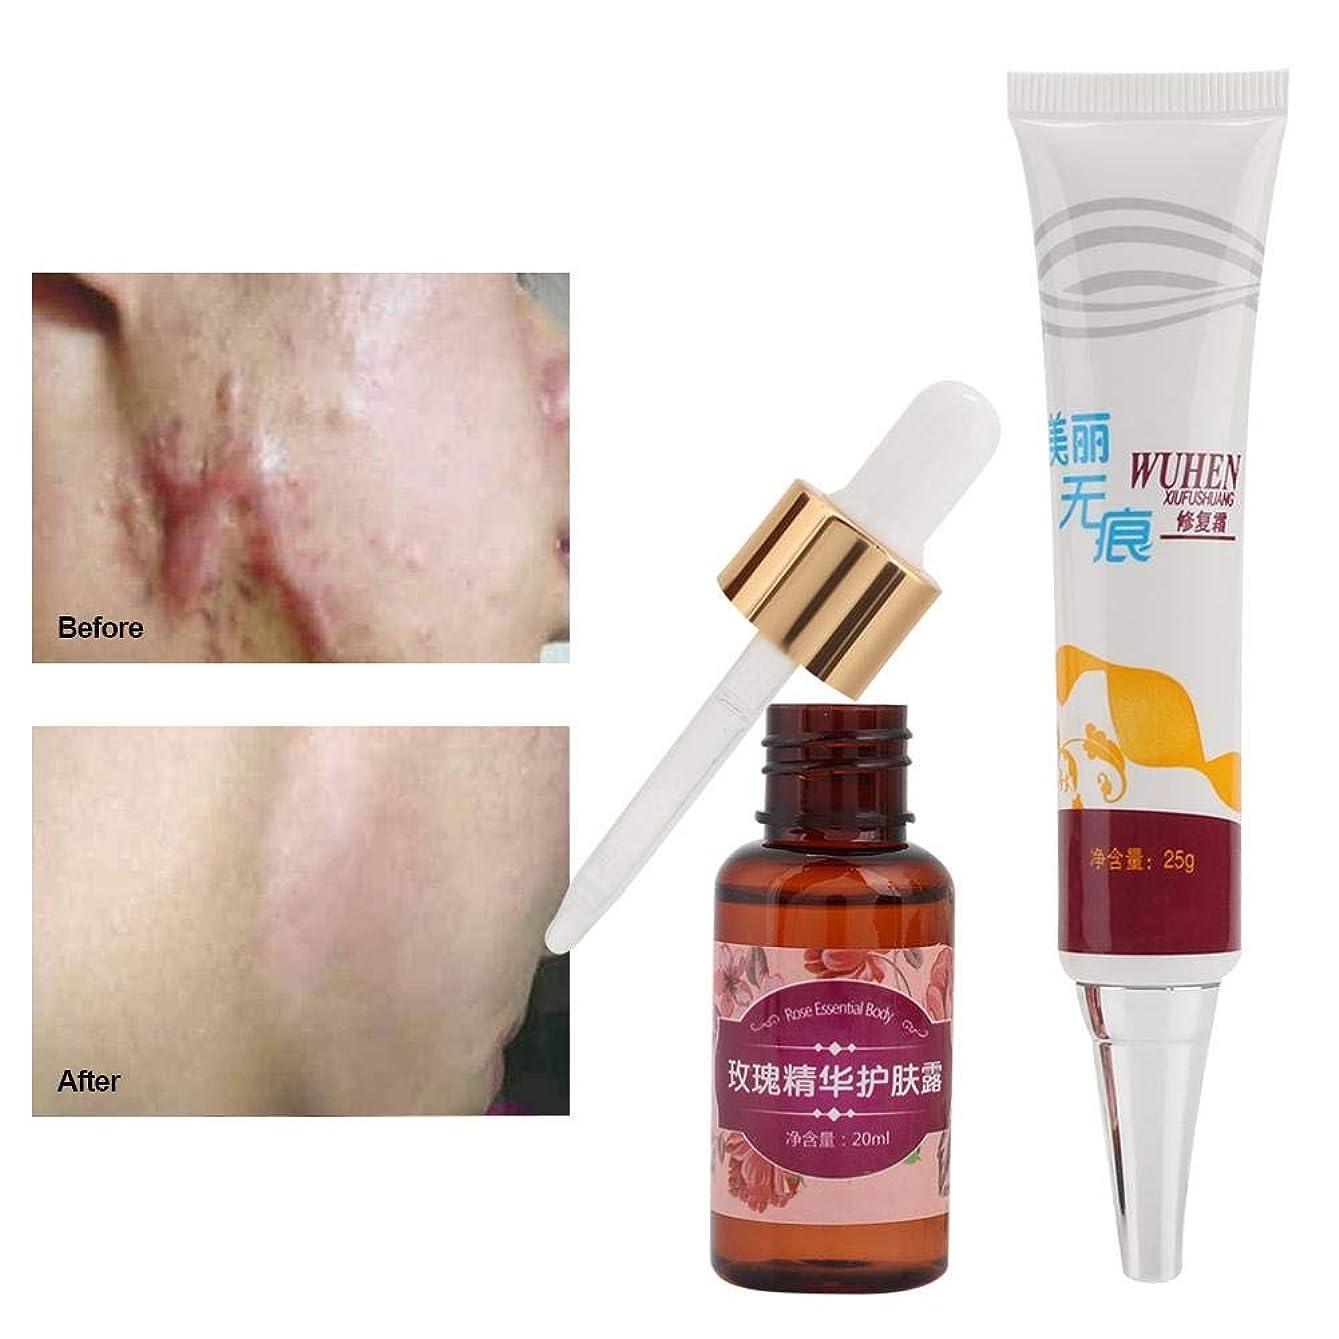 自分のアラブサラボ追い越す傷跡の除去、傷跡の傷跡の除去クリームと顔と体のための超輝く汚れのない油の傷跡除去